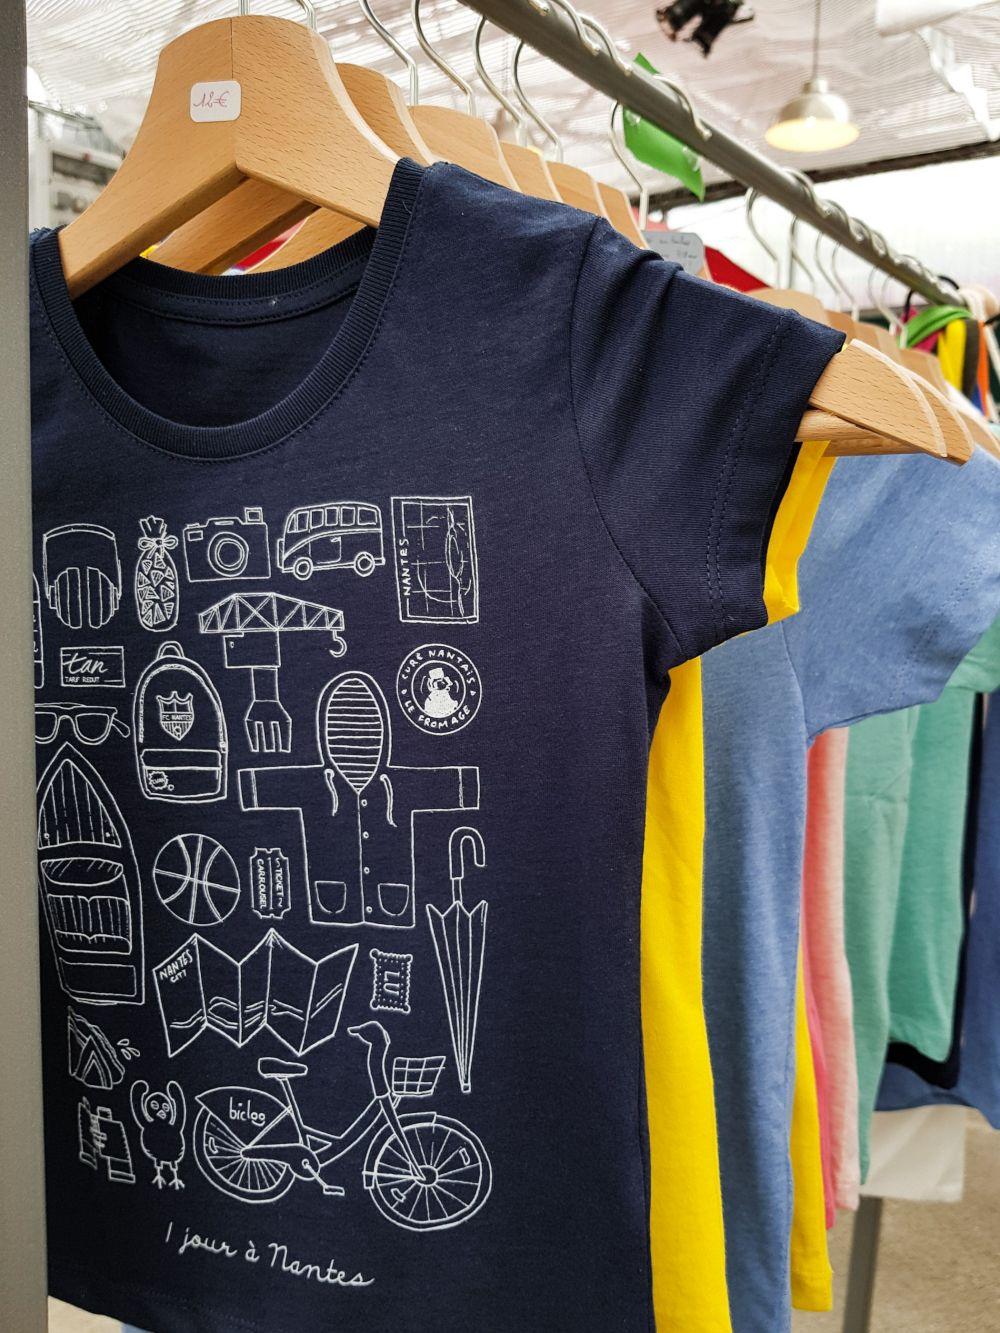 LVAN le voyage à nantes Docteur Paper tee shirt Tourisme Nantes City illustration illustrateur